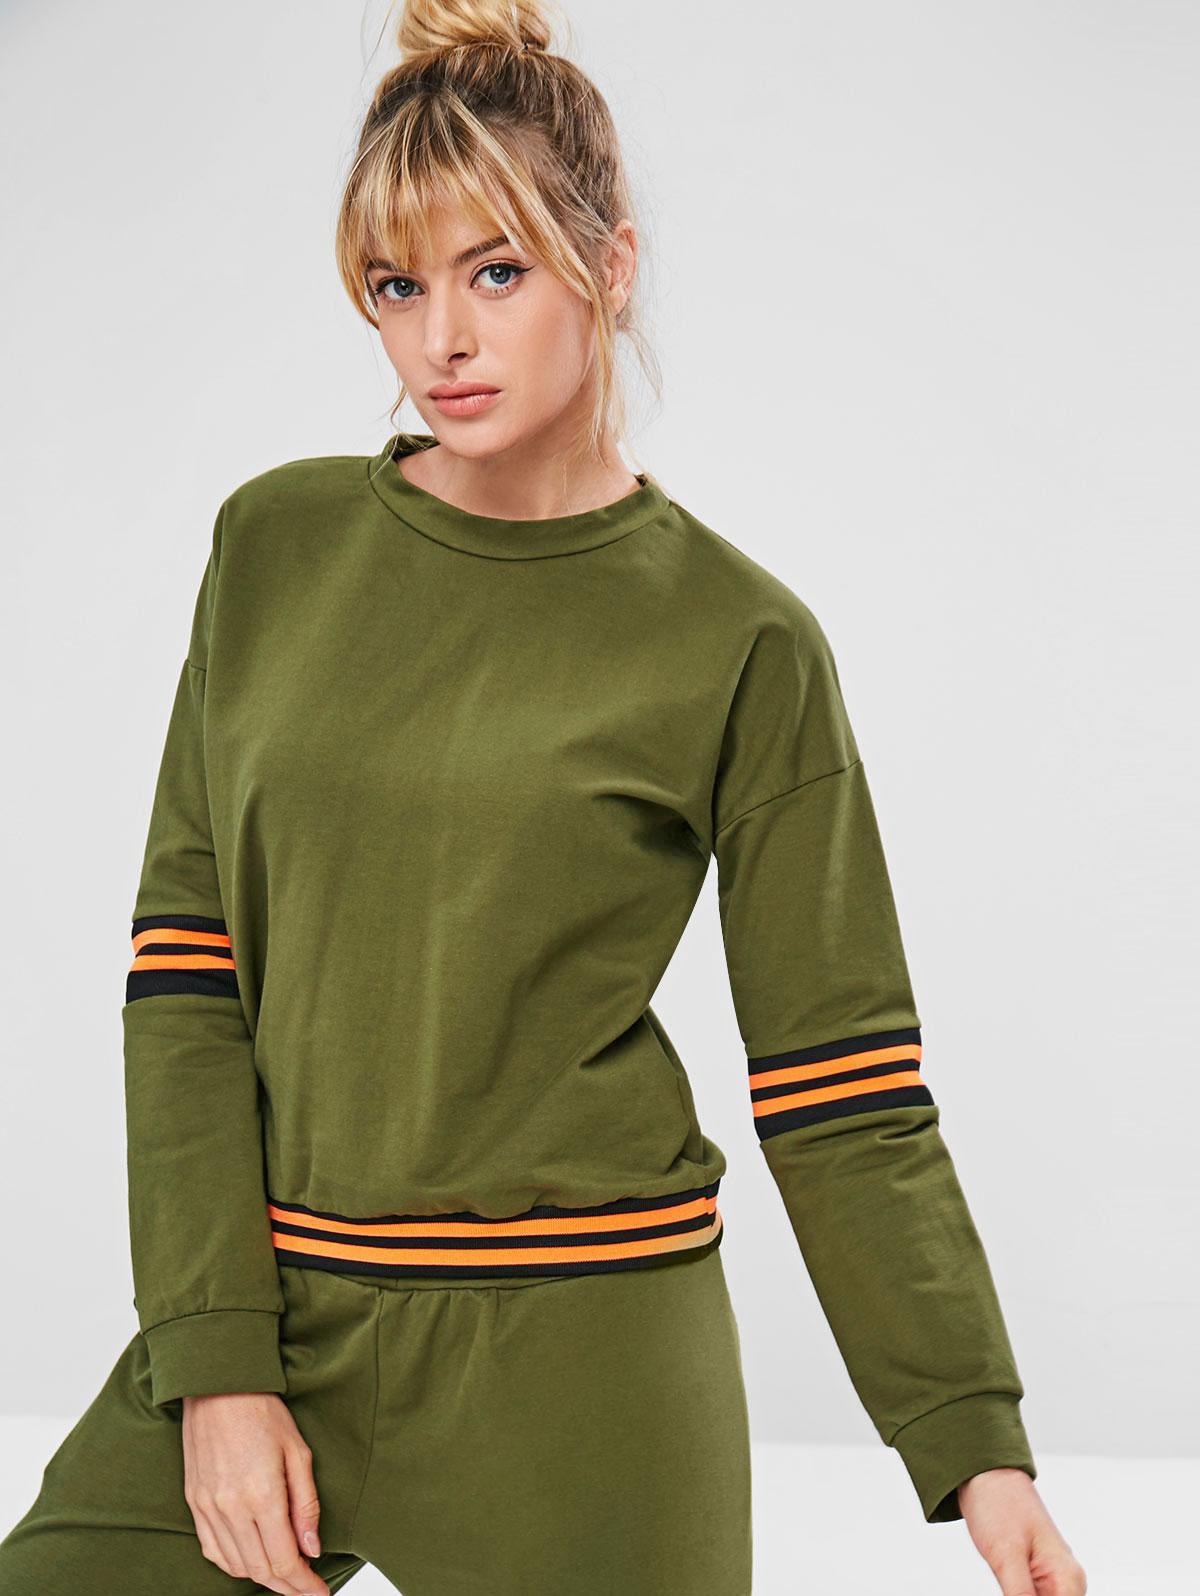 ZAFUL Drop Shoulder Striped Sweatshirt